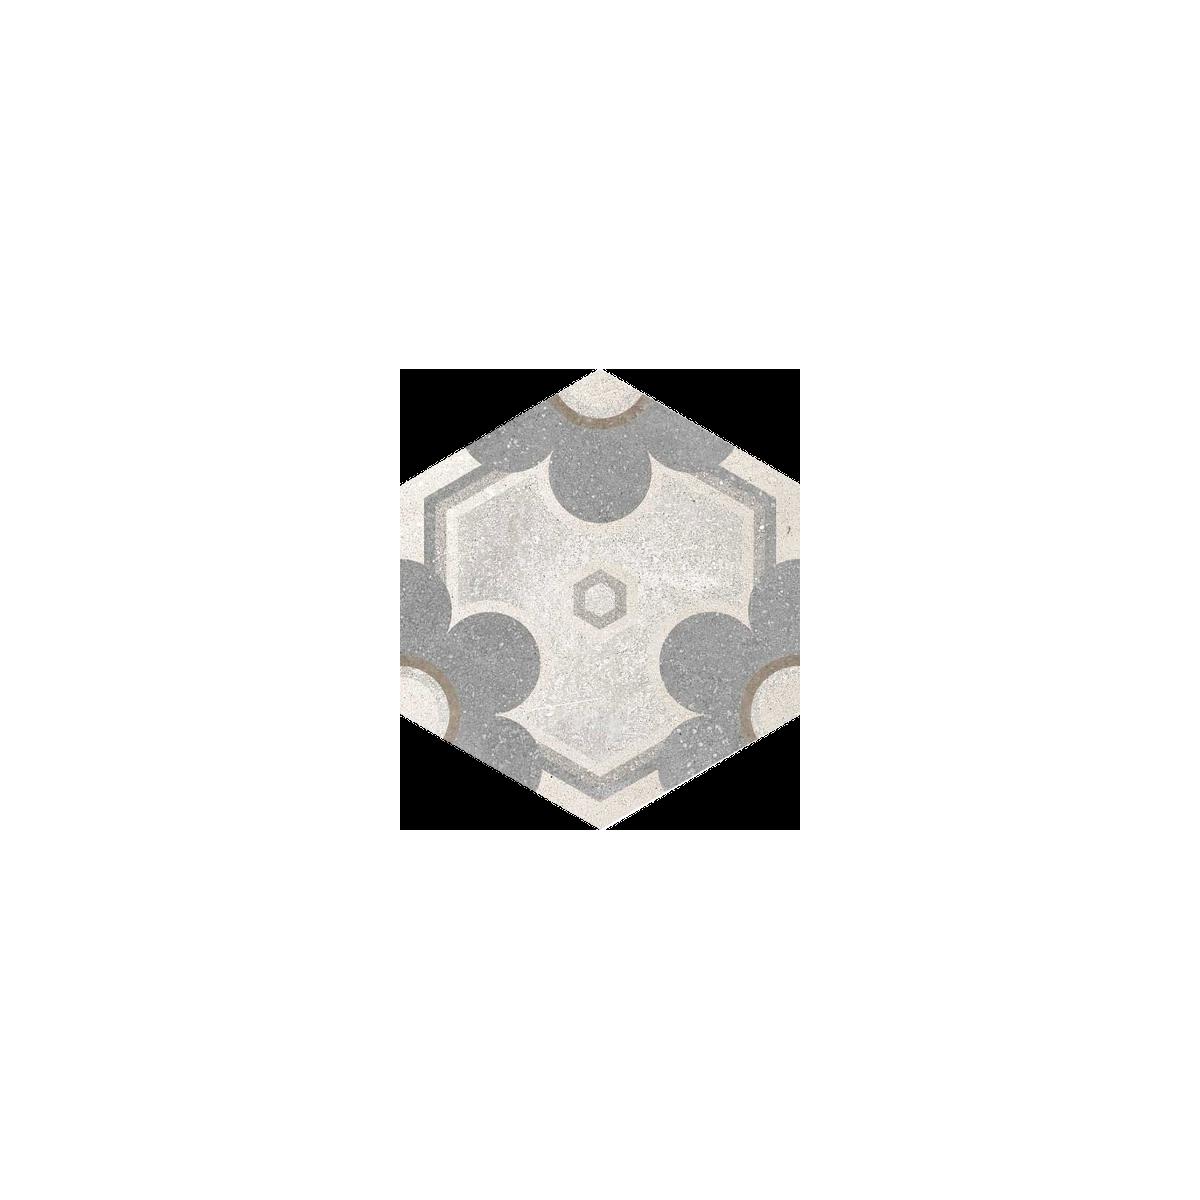 Yerevan Hexagonal (caja 0.5 m2)